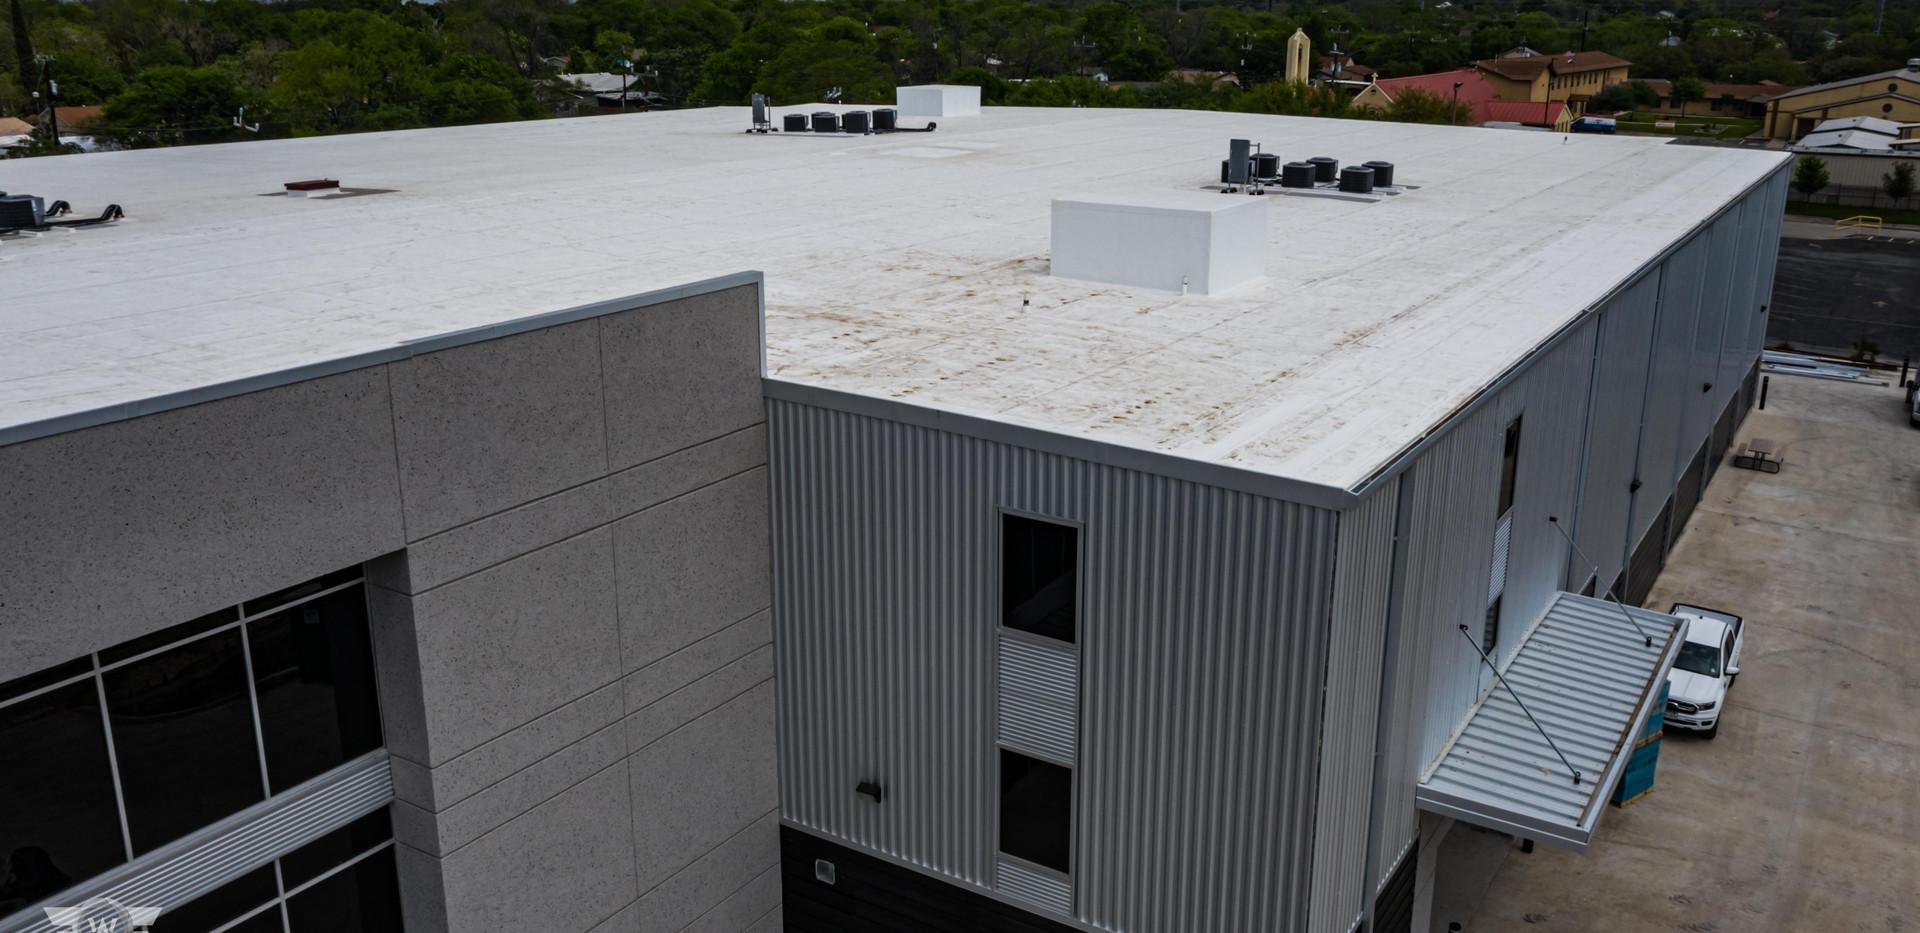 Silverado Roofing Company - White Cloud Drones